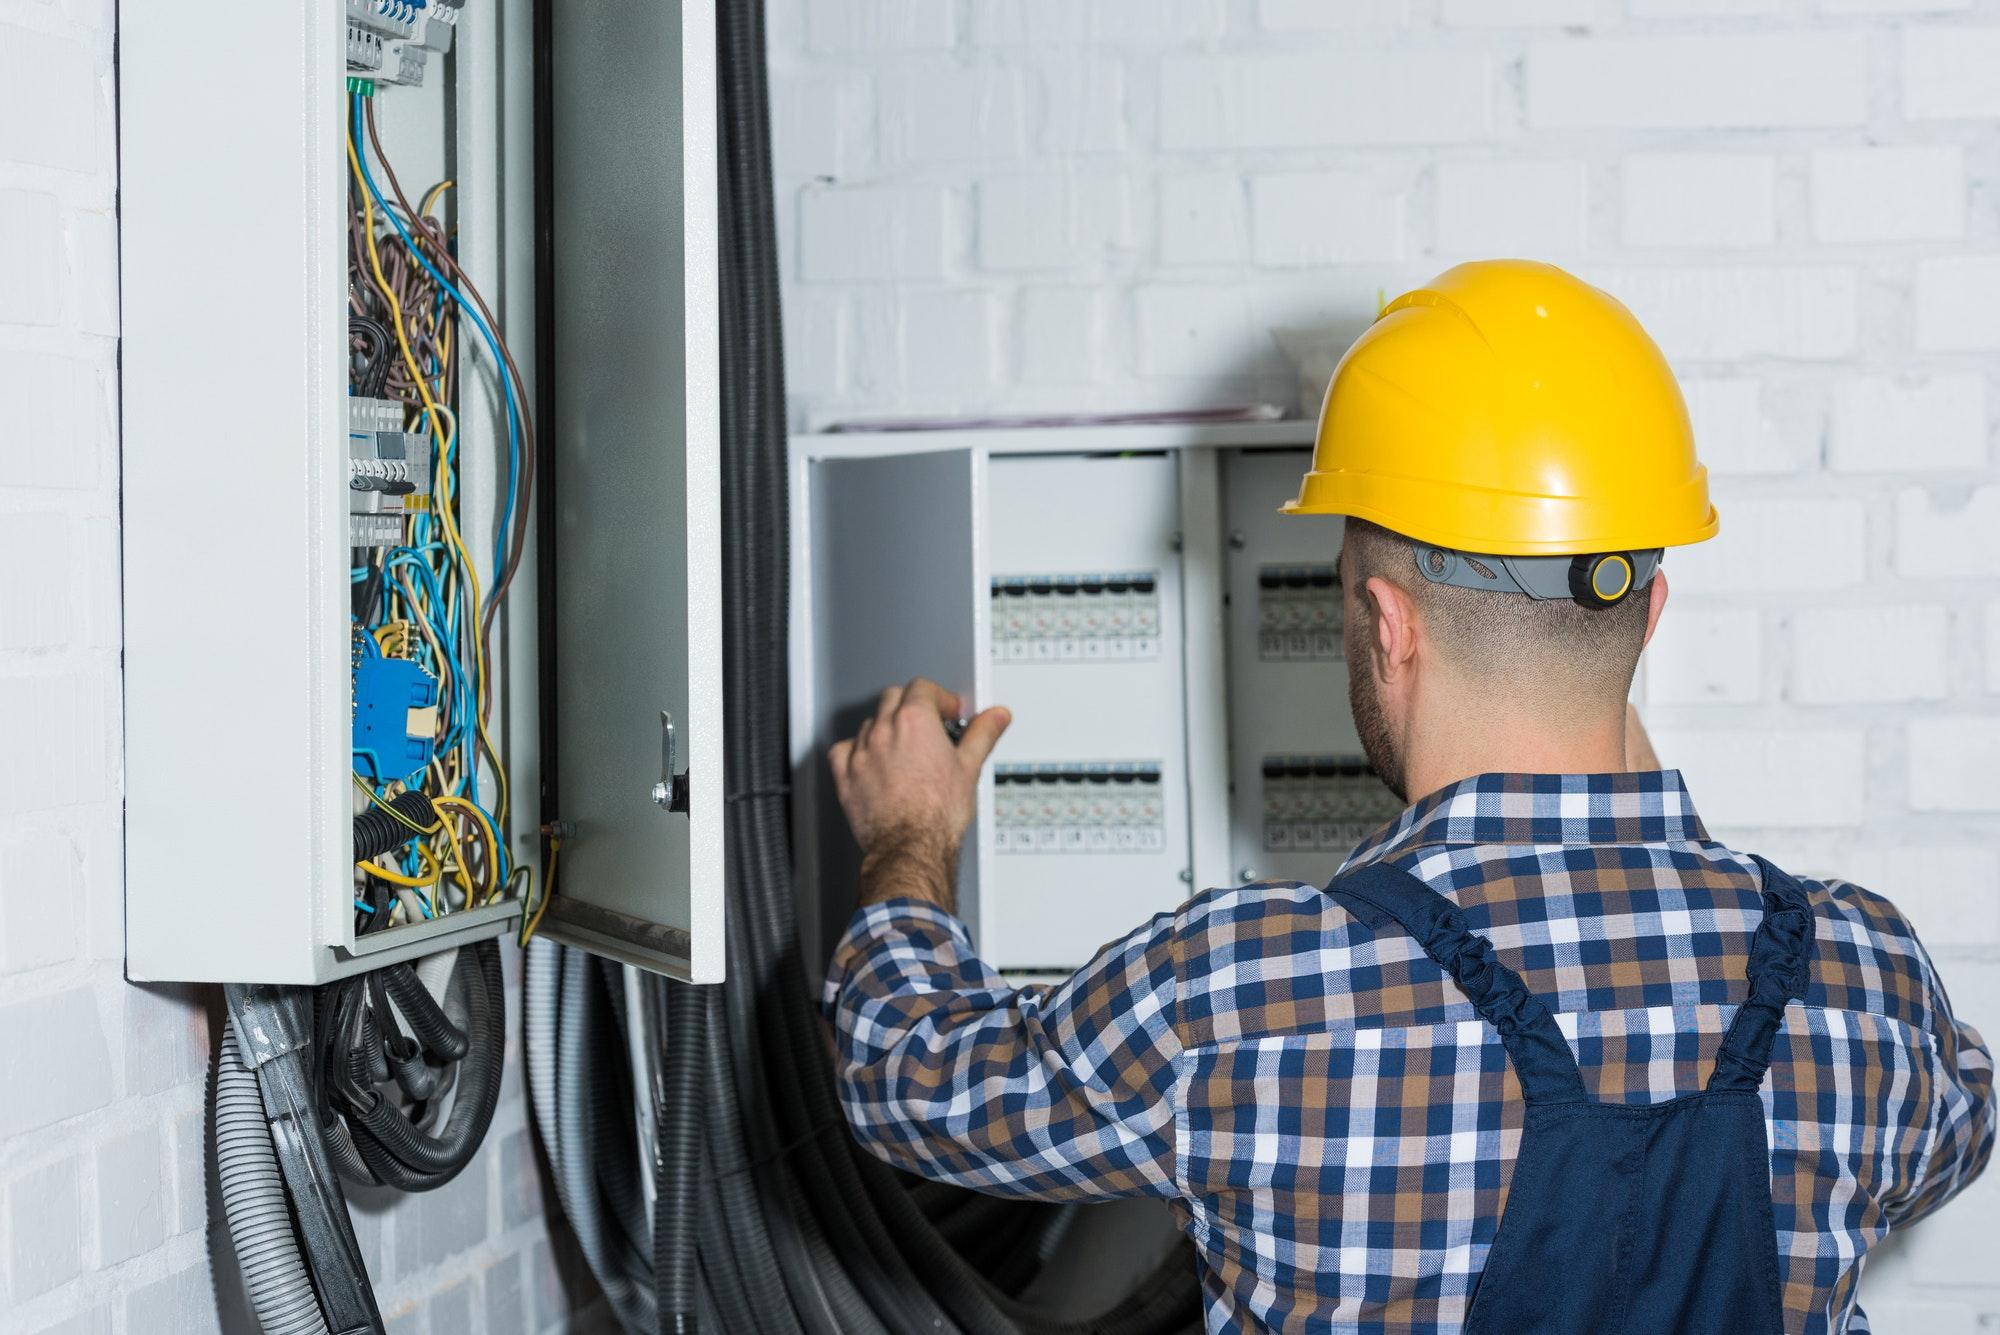 Elektriker Lørdag - Er er nogle akut elektrikere med døgnvagt el lørdag